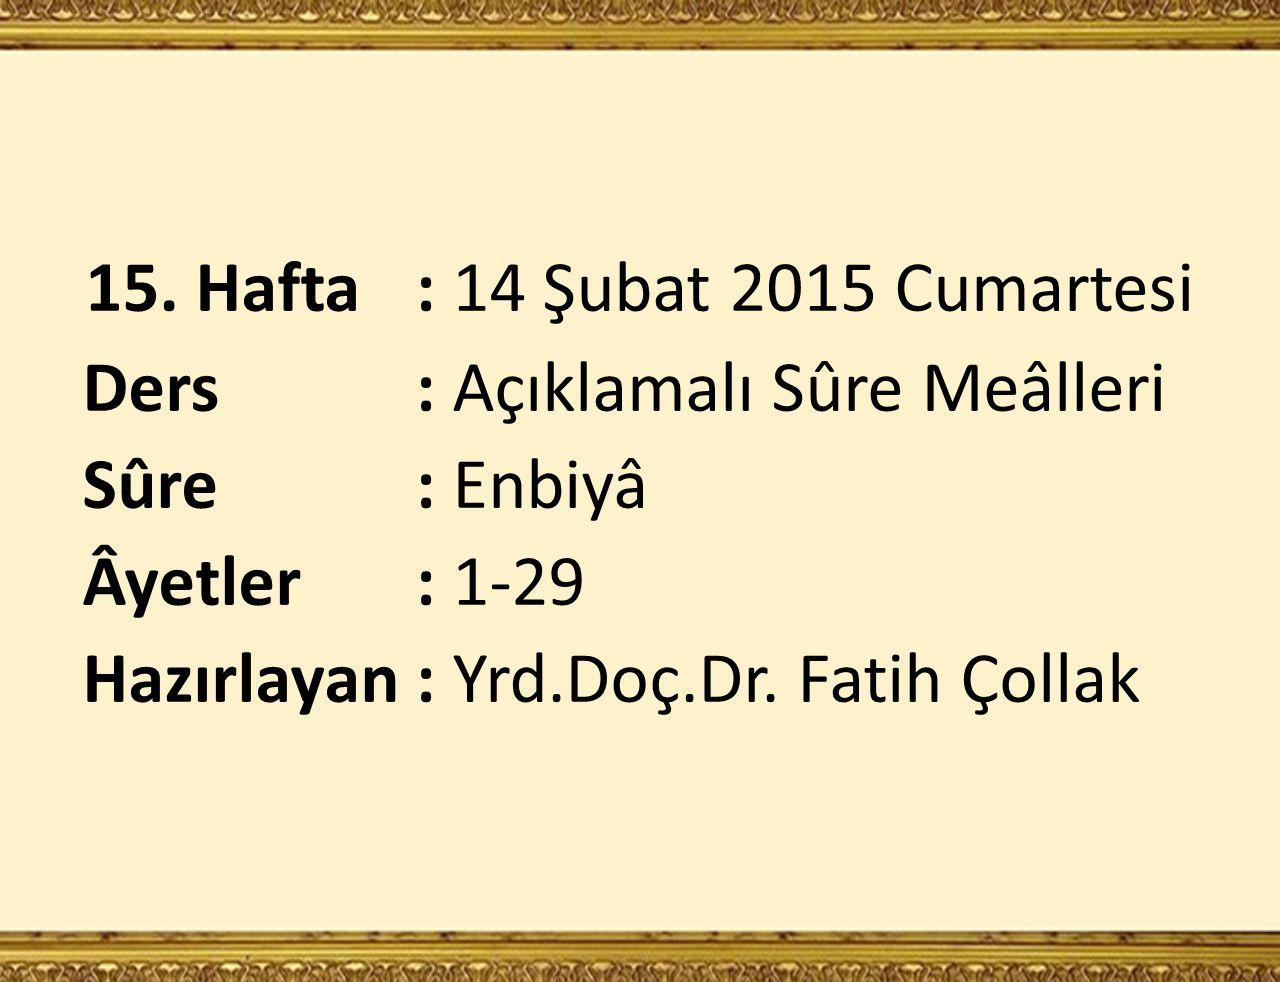 15. Hafta: 14 Şubat 2015 Cumartesi Ders : Açıklamalı Sûre Meâlleri Sûre : Enbiyâ Âyetler : 1-29 Hazırlayan: Yrd.Doç.Dr. Fatih Çollak